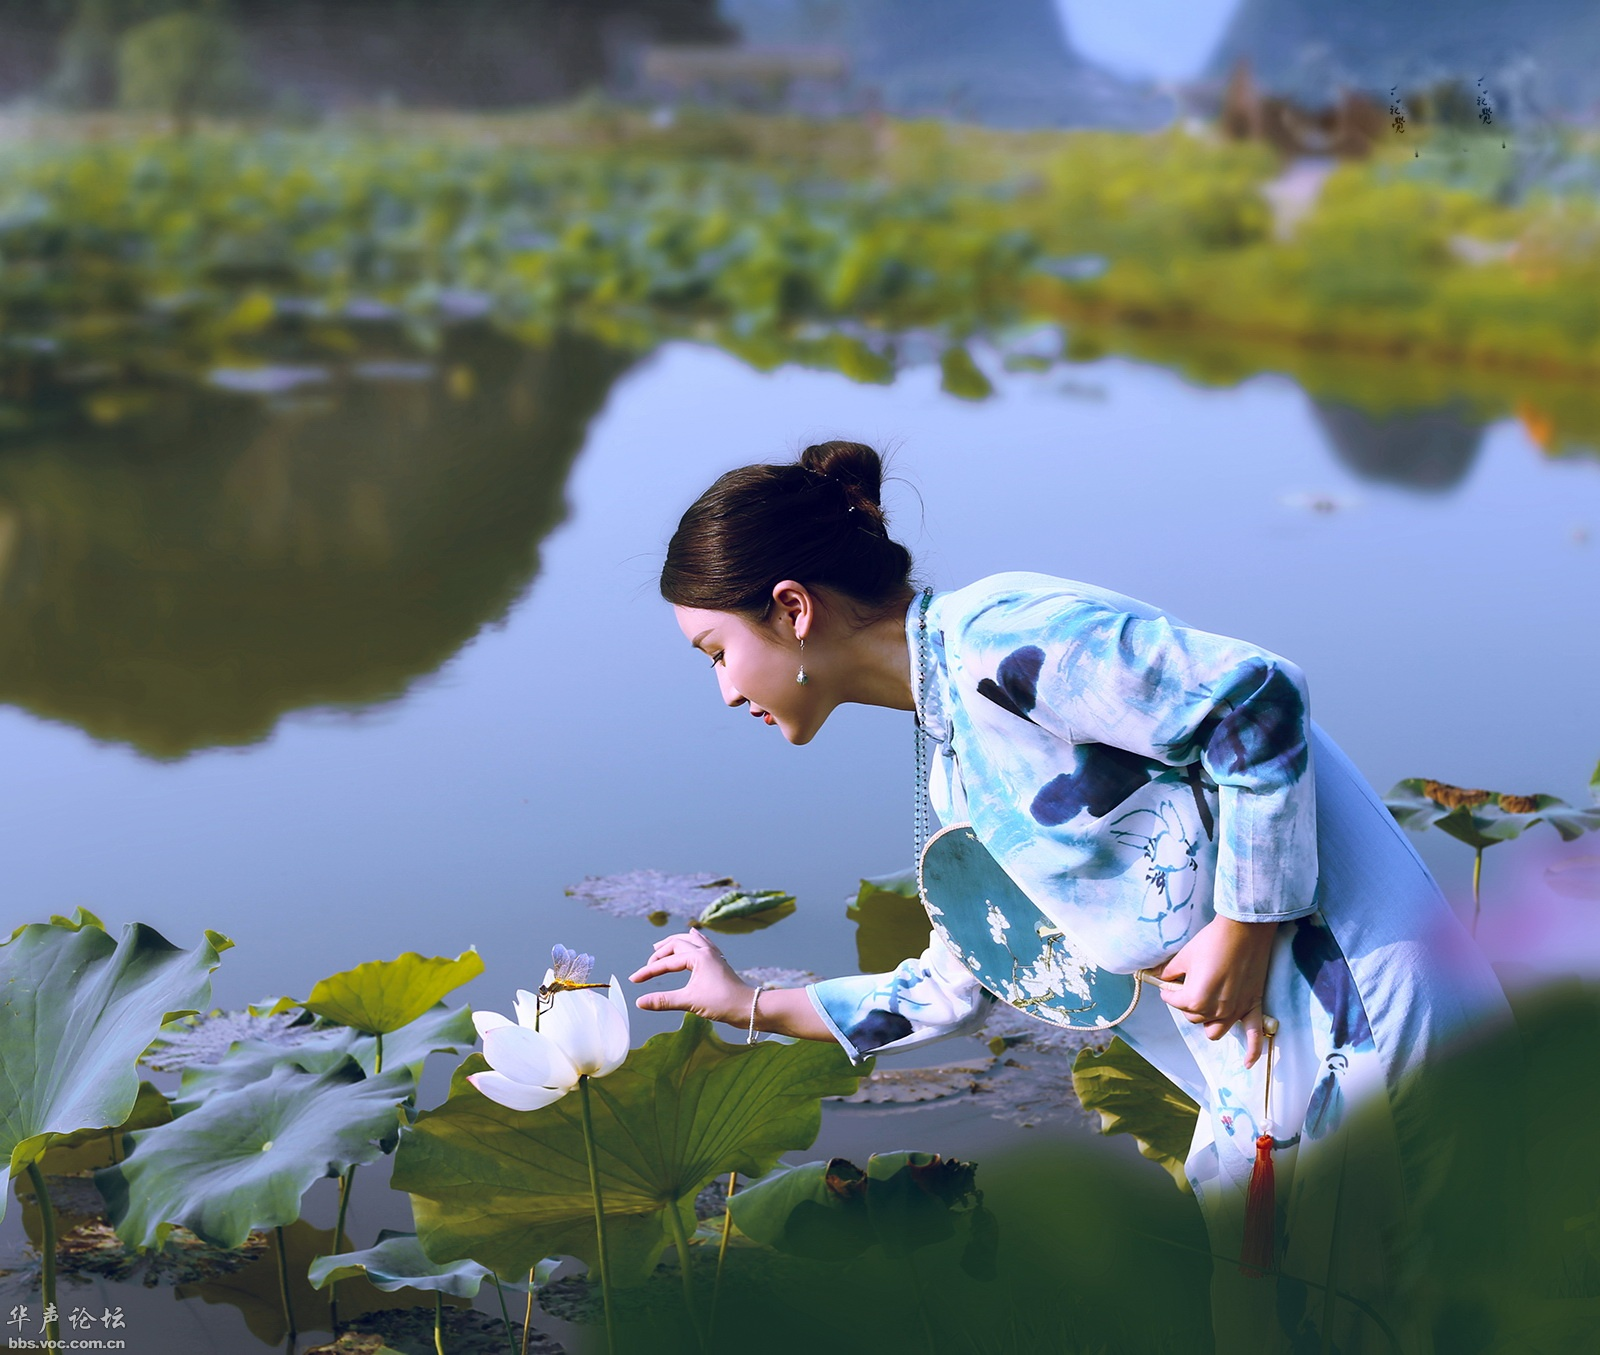 【复制】瑶池醉佳人! - 周公乐 - xinhua8848 的博客